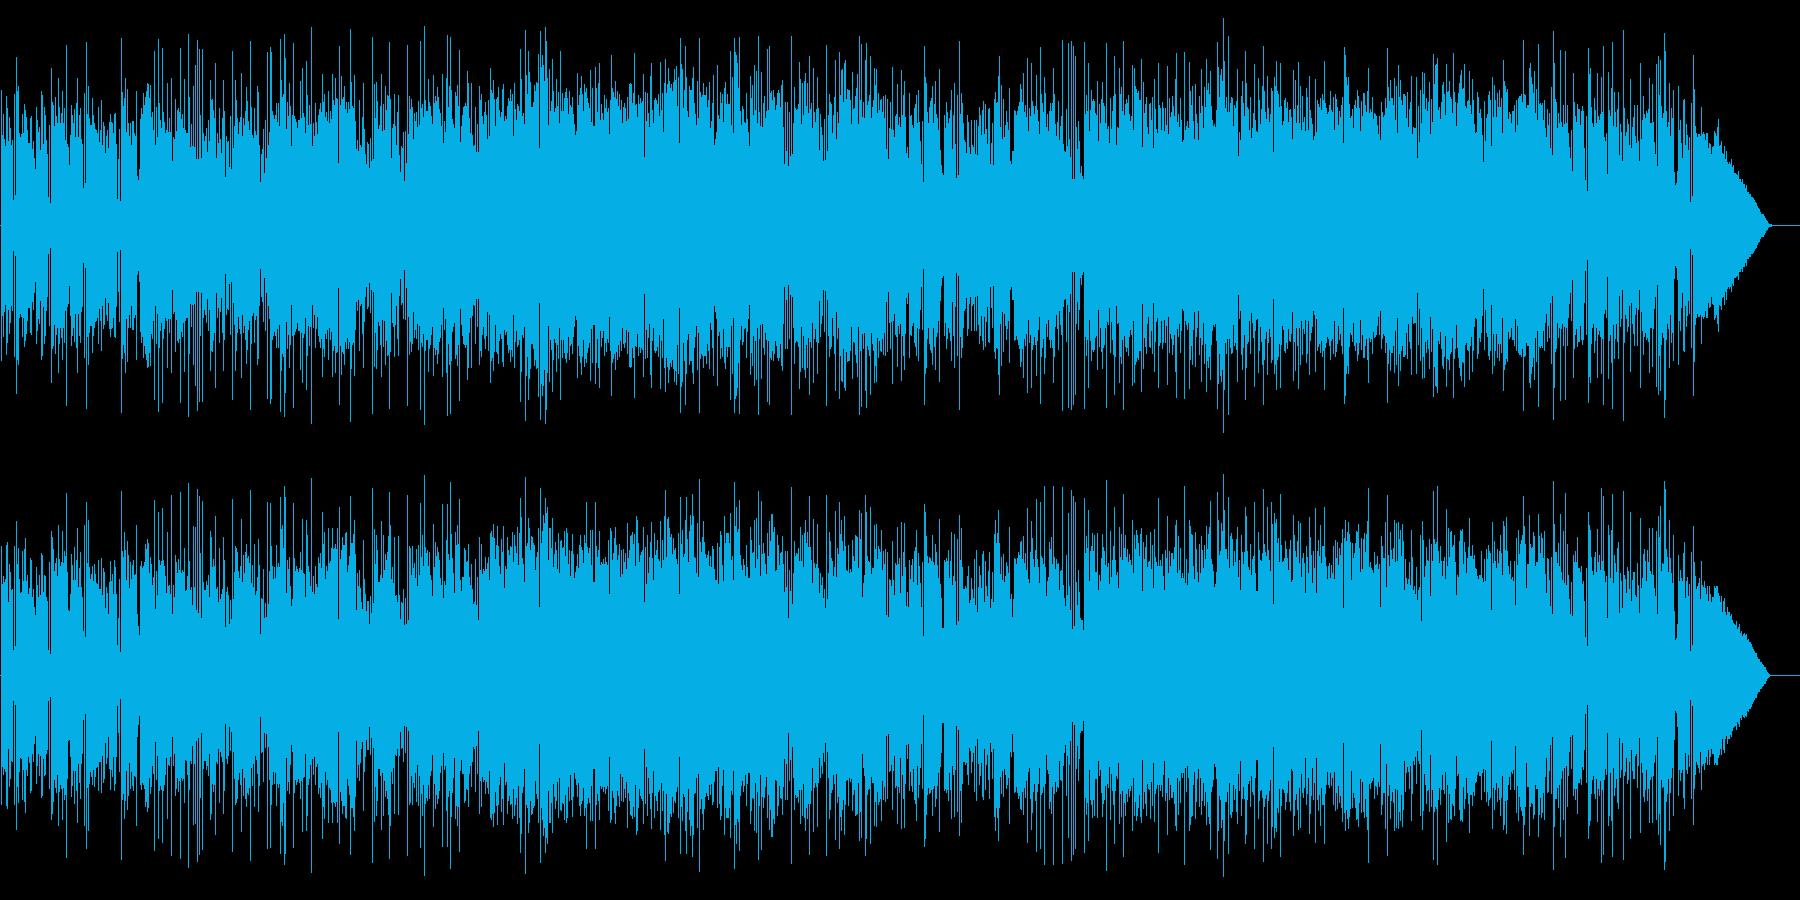 アンニュイな雰囲気のフュージョンの再生済みの波形